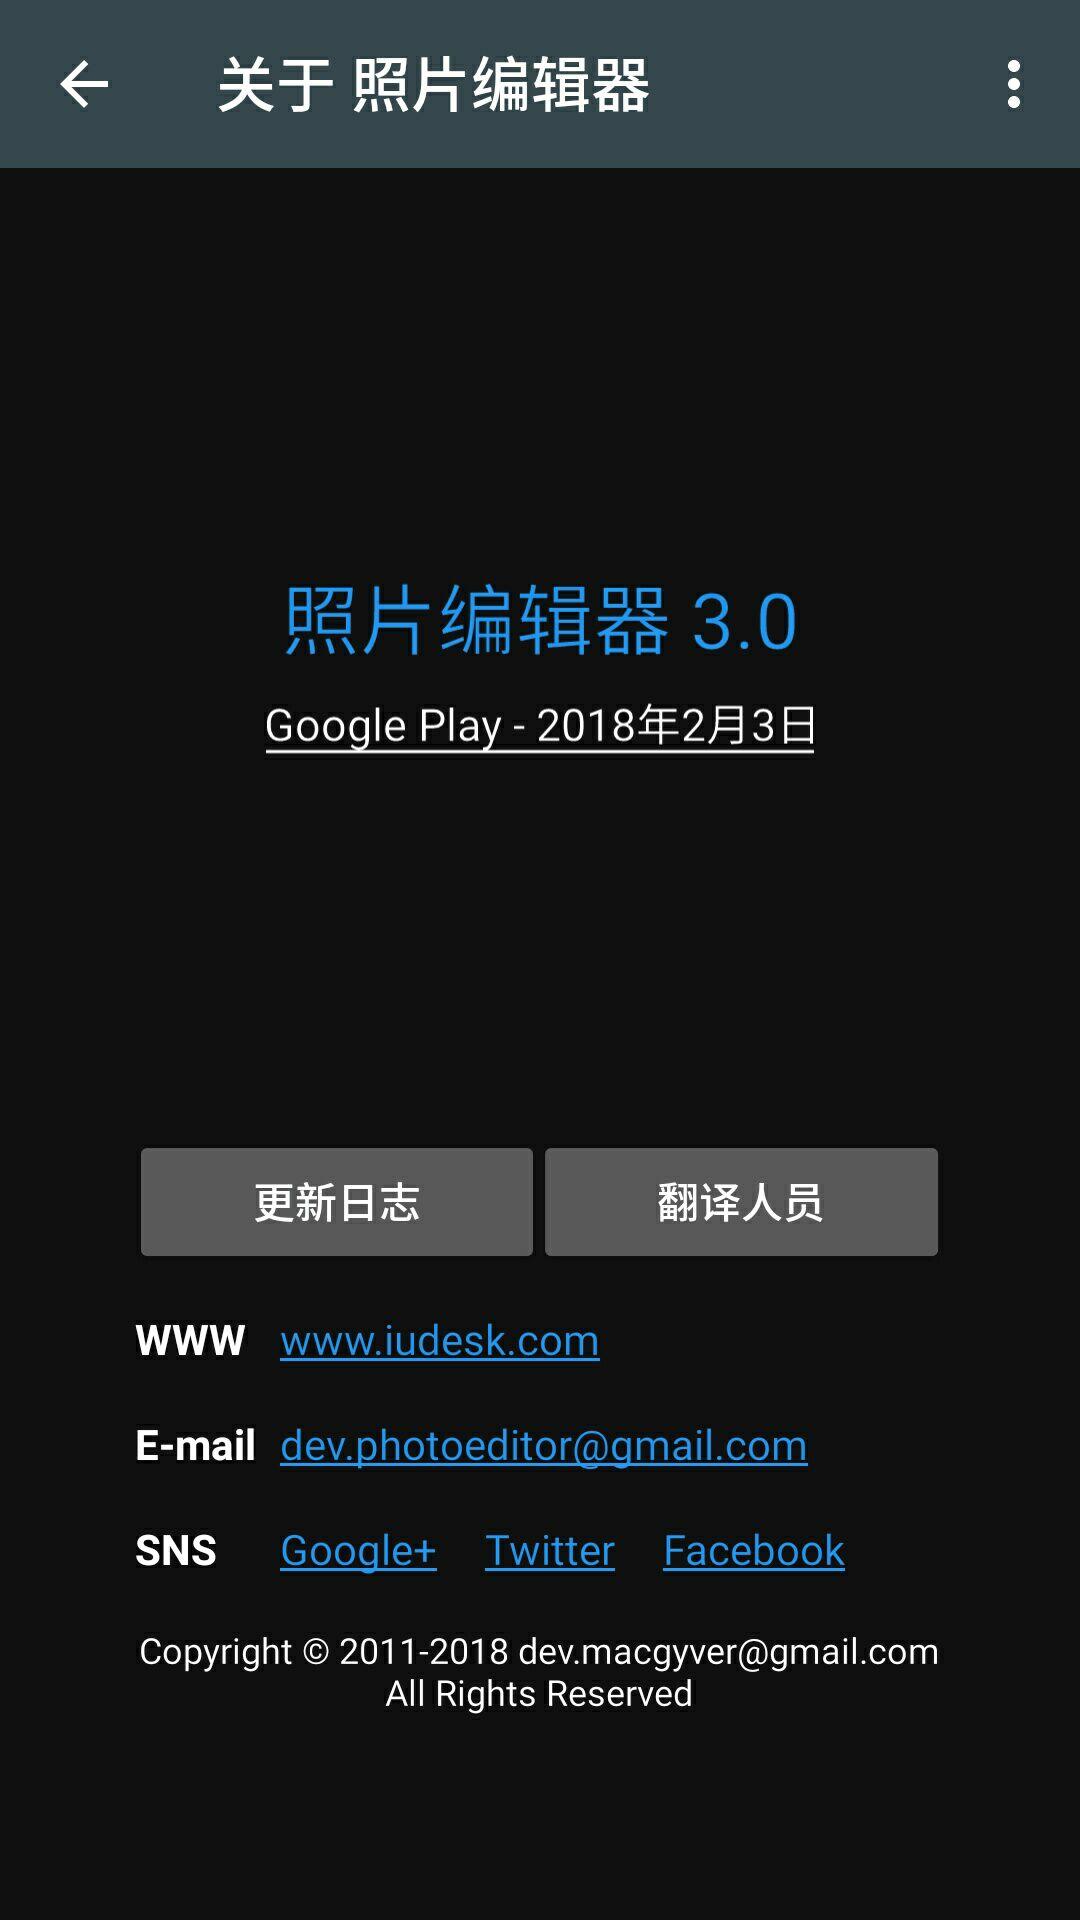 照片编辑器 Photo Editor官方客户端 v4.5截图